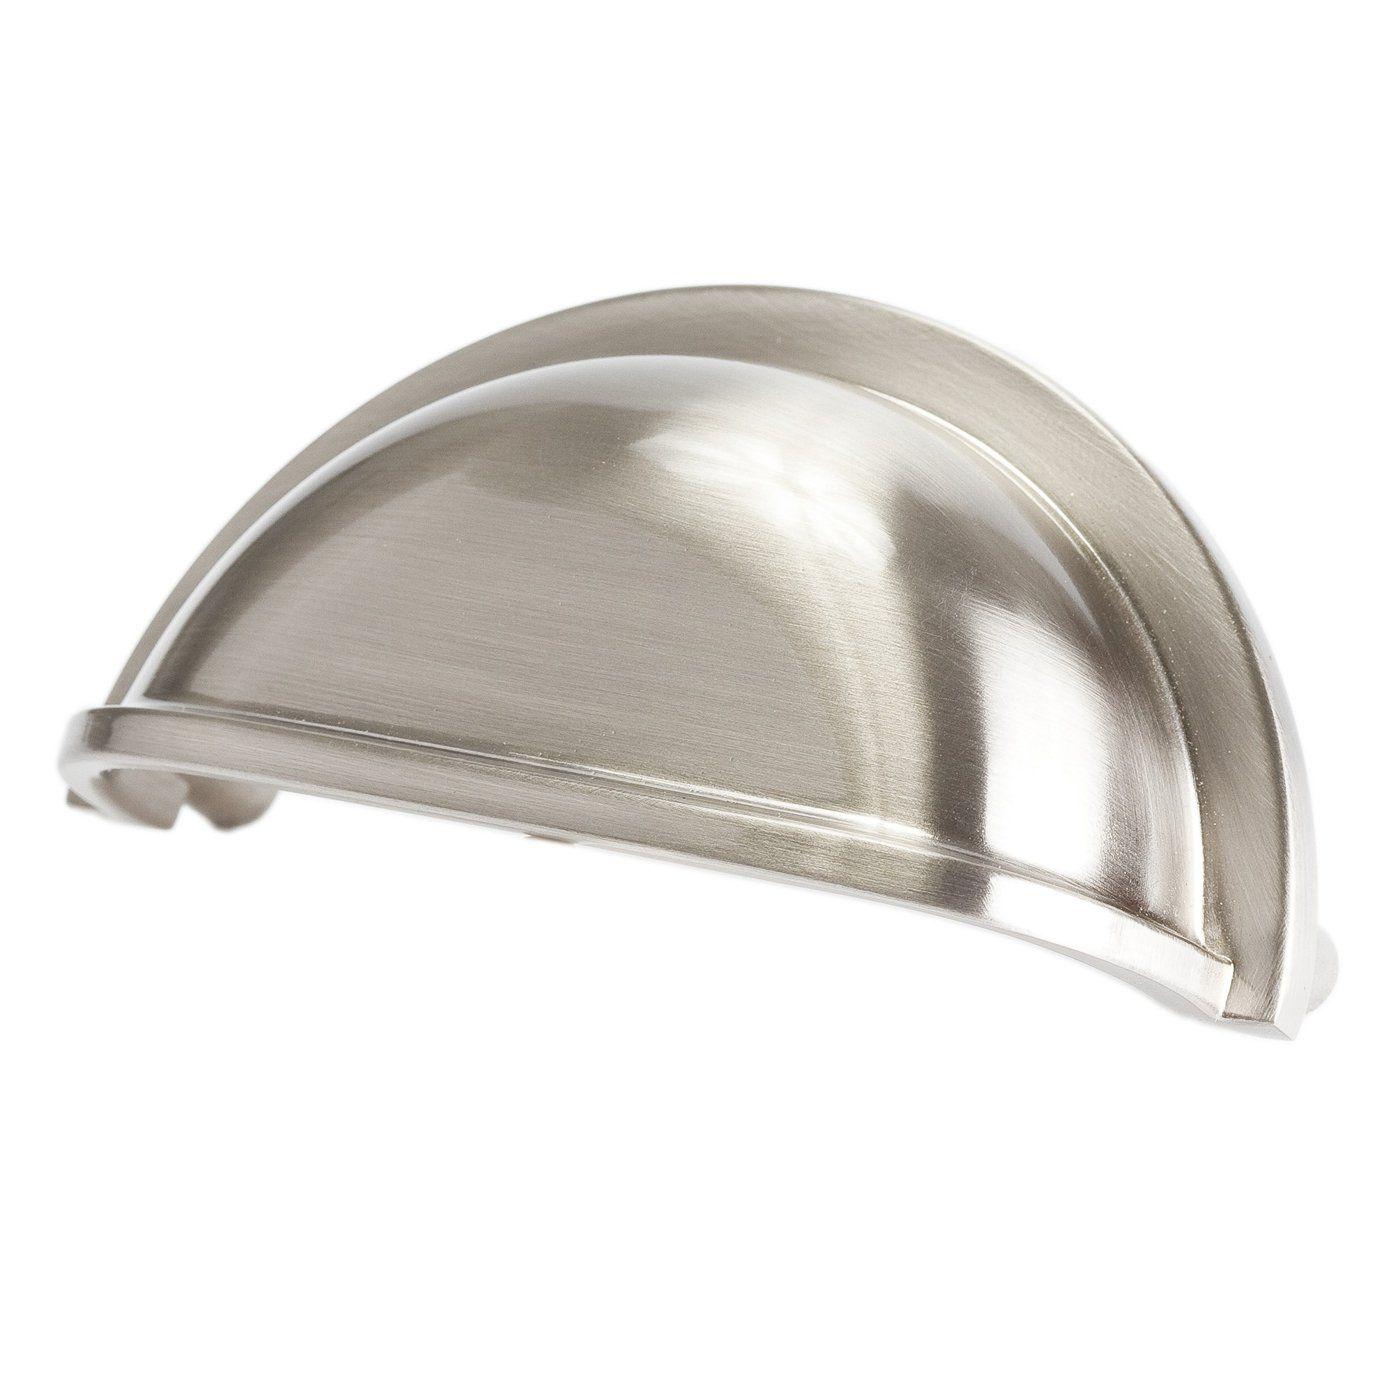 Brushed Nickle Pulls Cabinet Hardware Brushed Nickel Brushed Nickel Cup Pulls Brushed Nickel Drawer Pulls